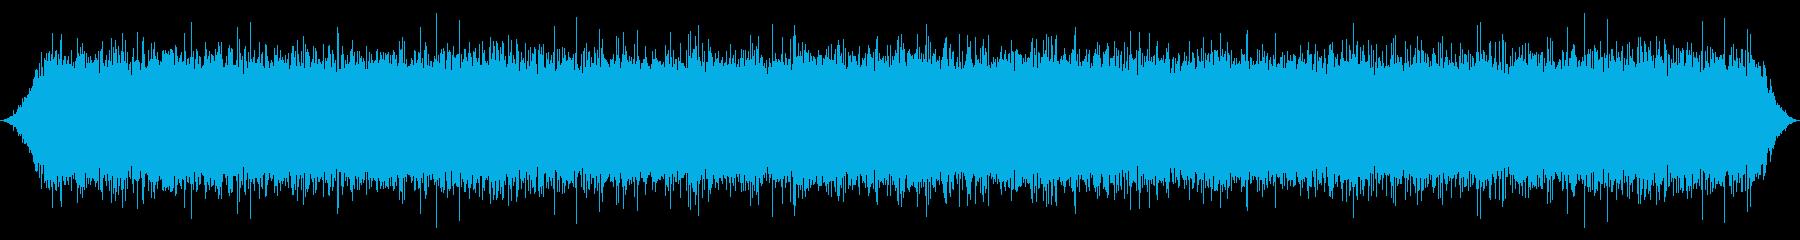 水C:川への深い泡立ちの流れの再生済みの波形